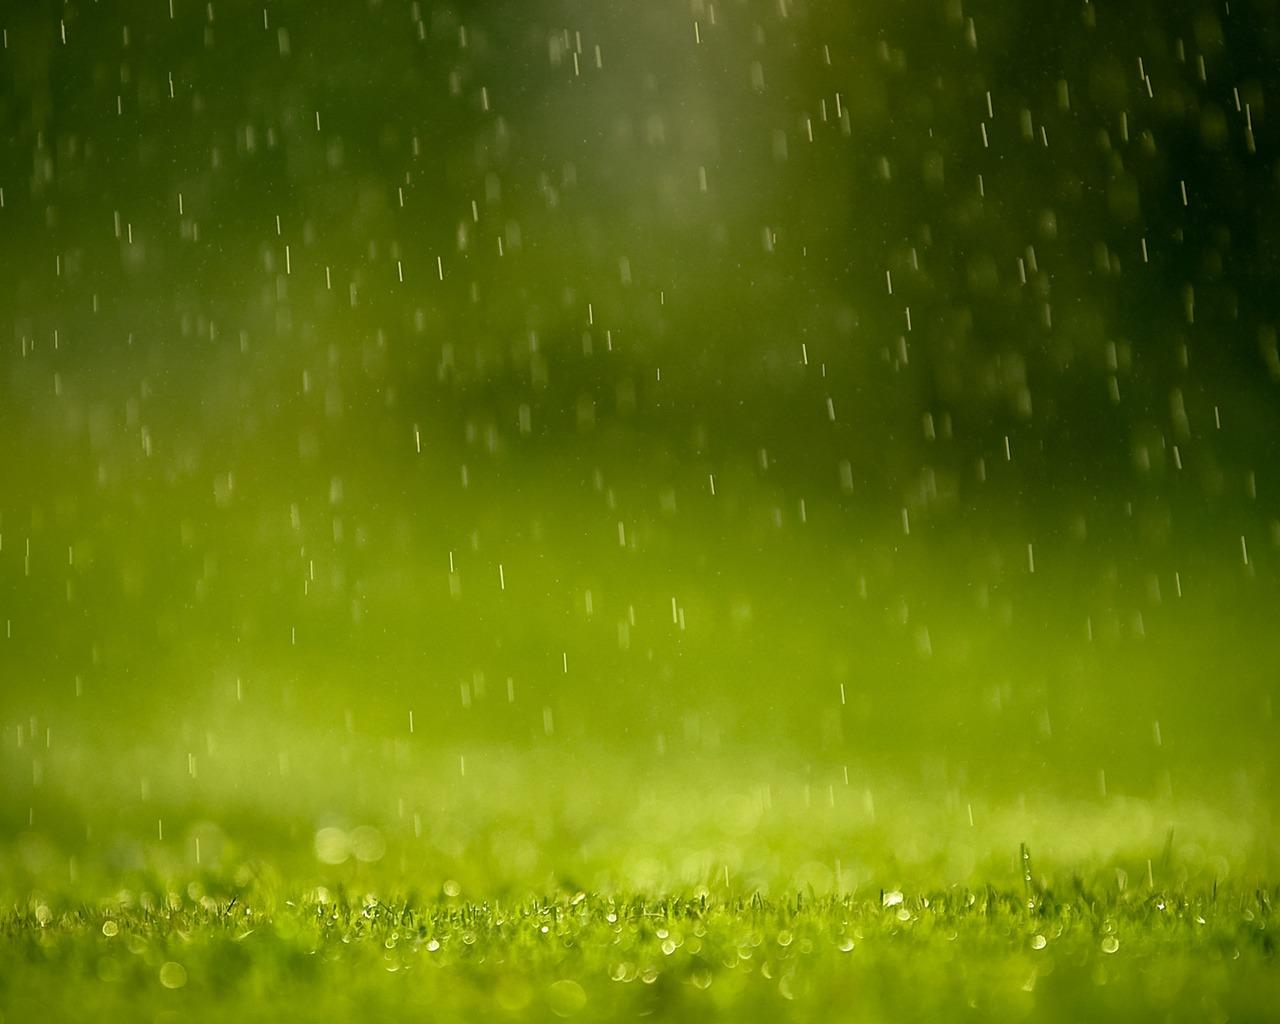 http://1.bp.blogspot.com/_cWcuJM9QIG4/TD8j_tOJIbI/AAAAAAAAB9A/6NIcR5Z_yoQ/s1600/rain%2Bwallpaper%2Bdownload+z.jpg